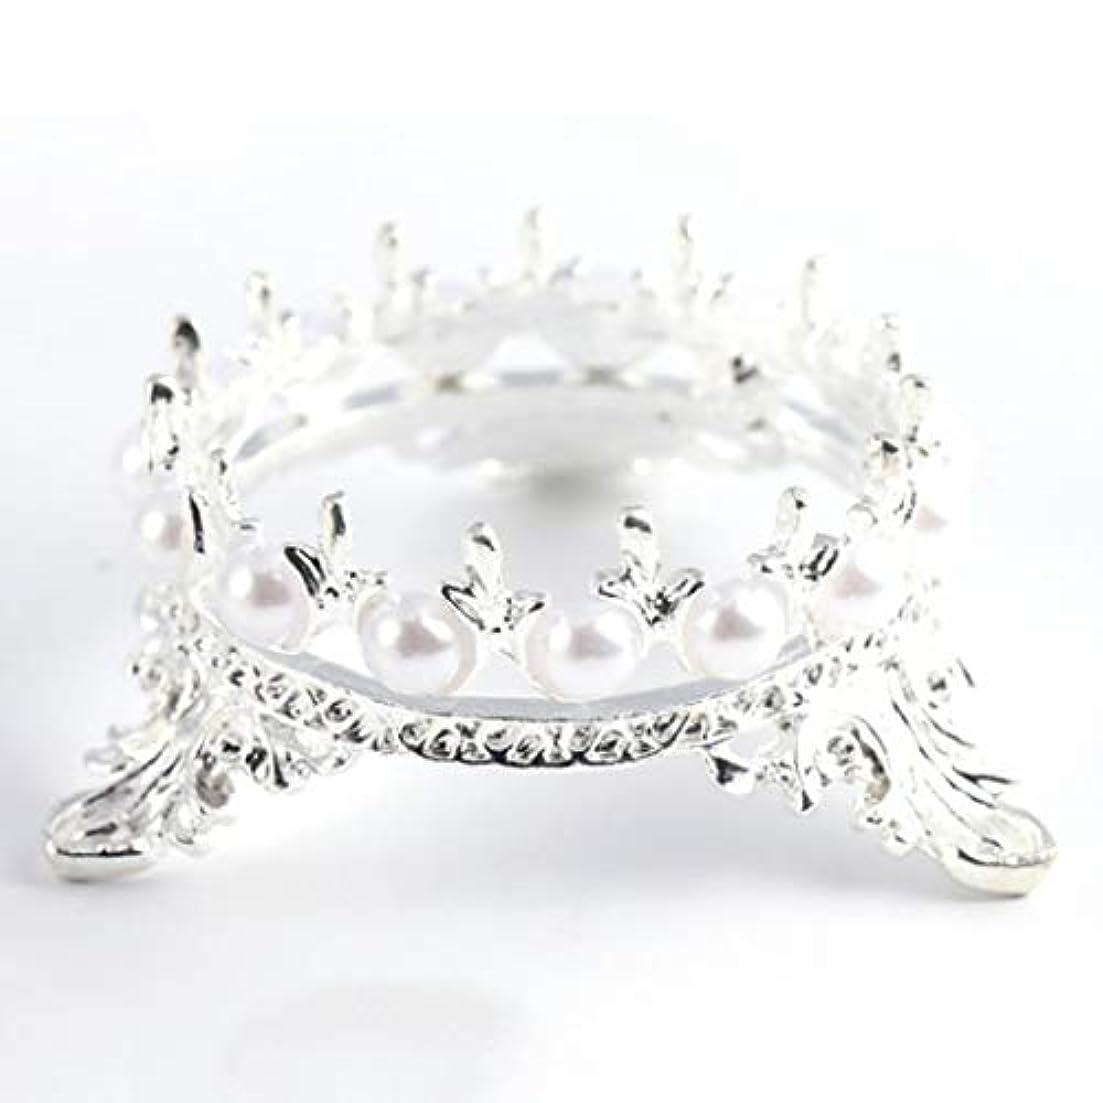 歯科の学校教育量OU-Kunmlef 価値のある1 xクラウンスタンドペンブラシホルダーパールネイルアートペンラックマニキュアネイルアートツール必需品(None Silver Crown Penholder)